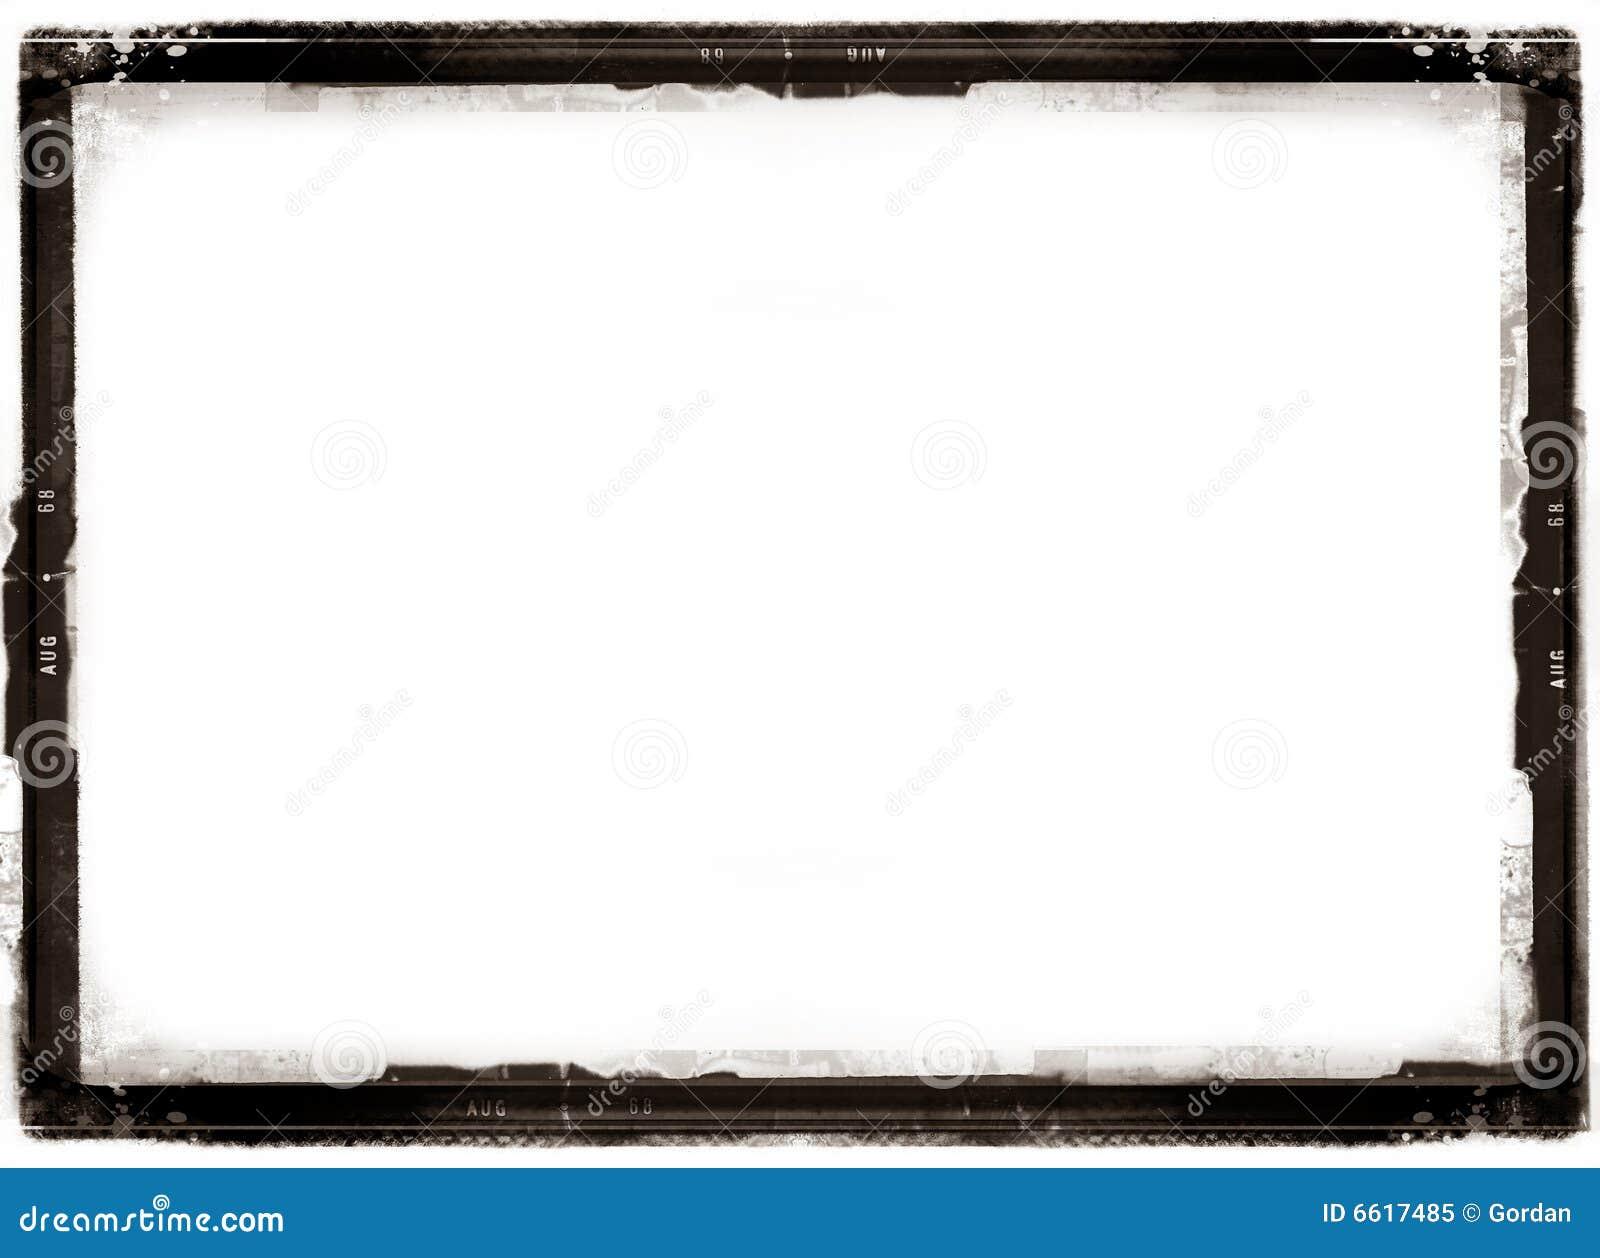 Antiker Fotorand stock abbildung. Illustration von